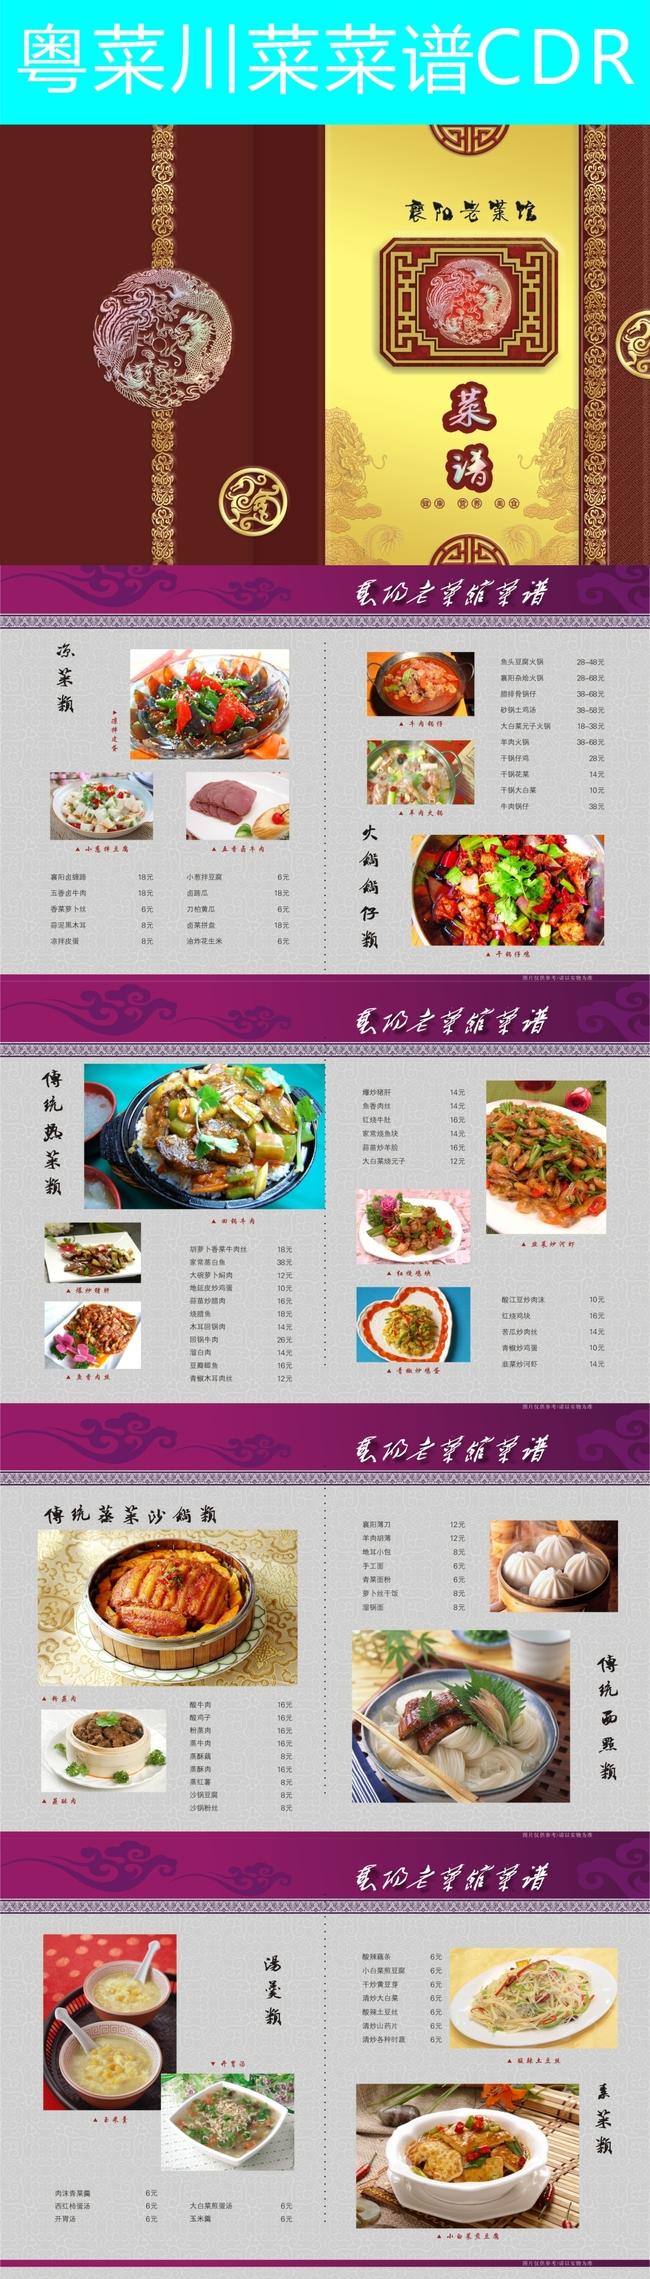 高级五星级酒店菜单菜谱设计模板cdr